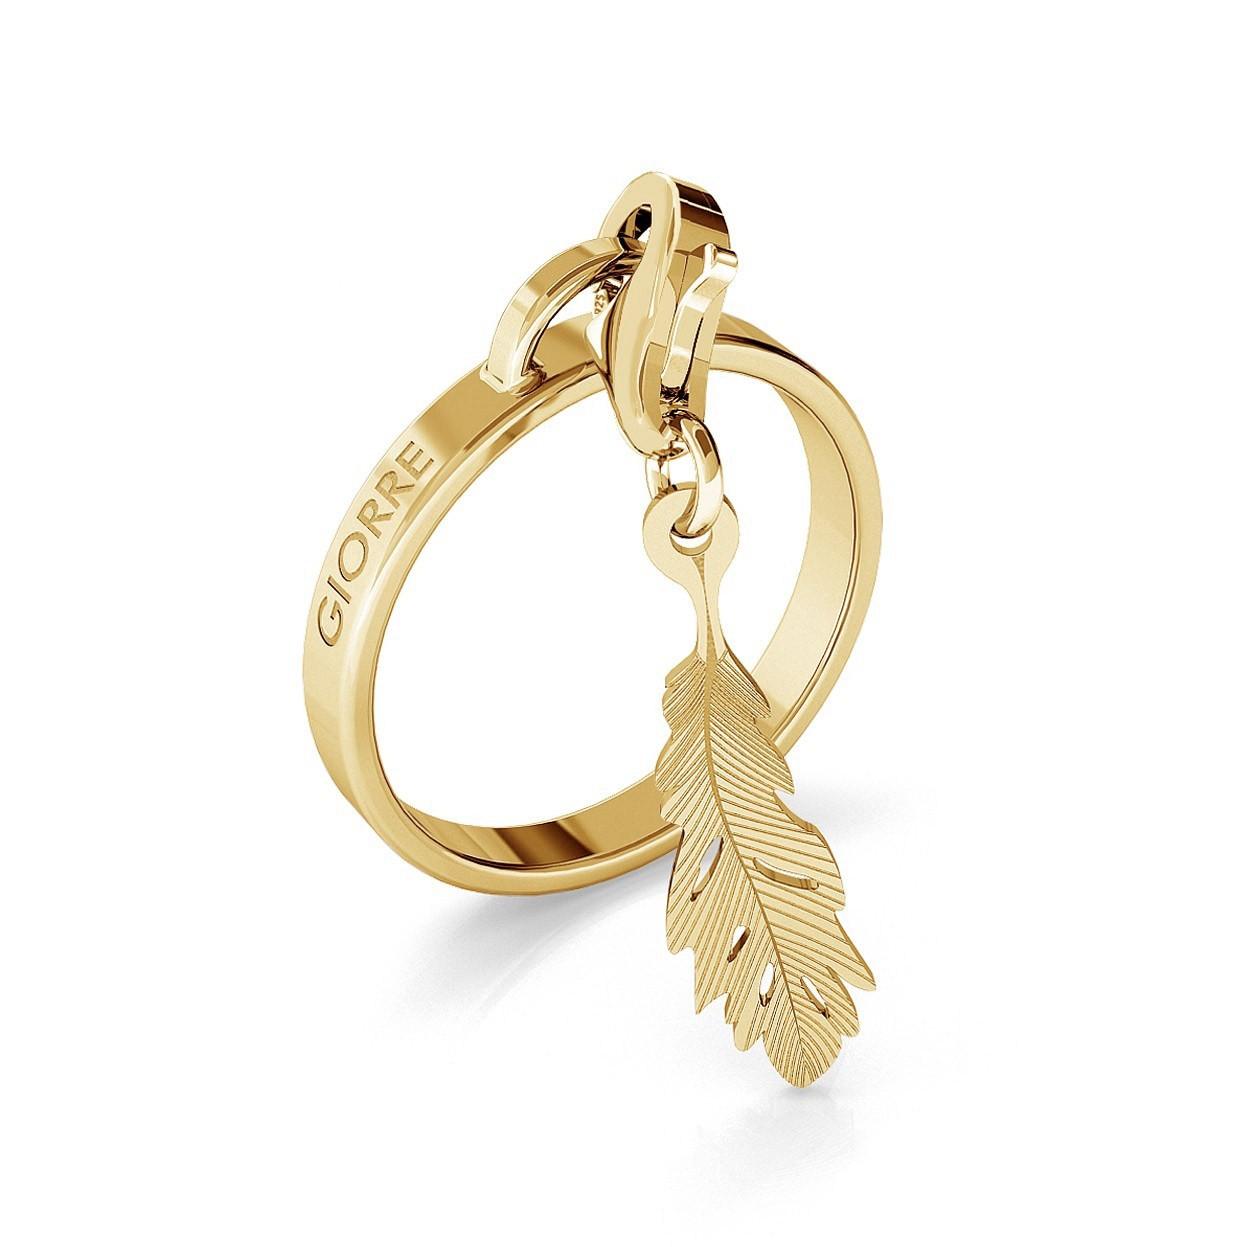 RING FUR ANHANGER, SILBER 925, RHODIUM BZW. GOLD